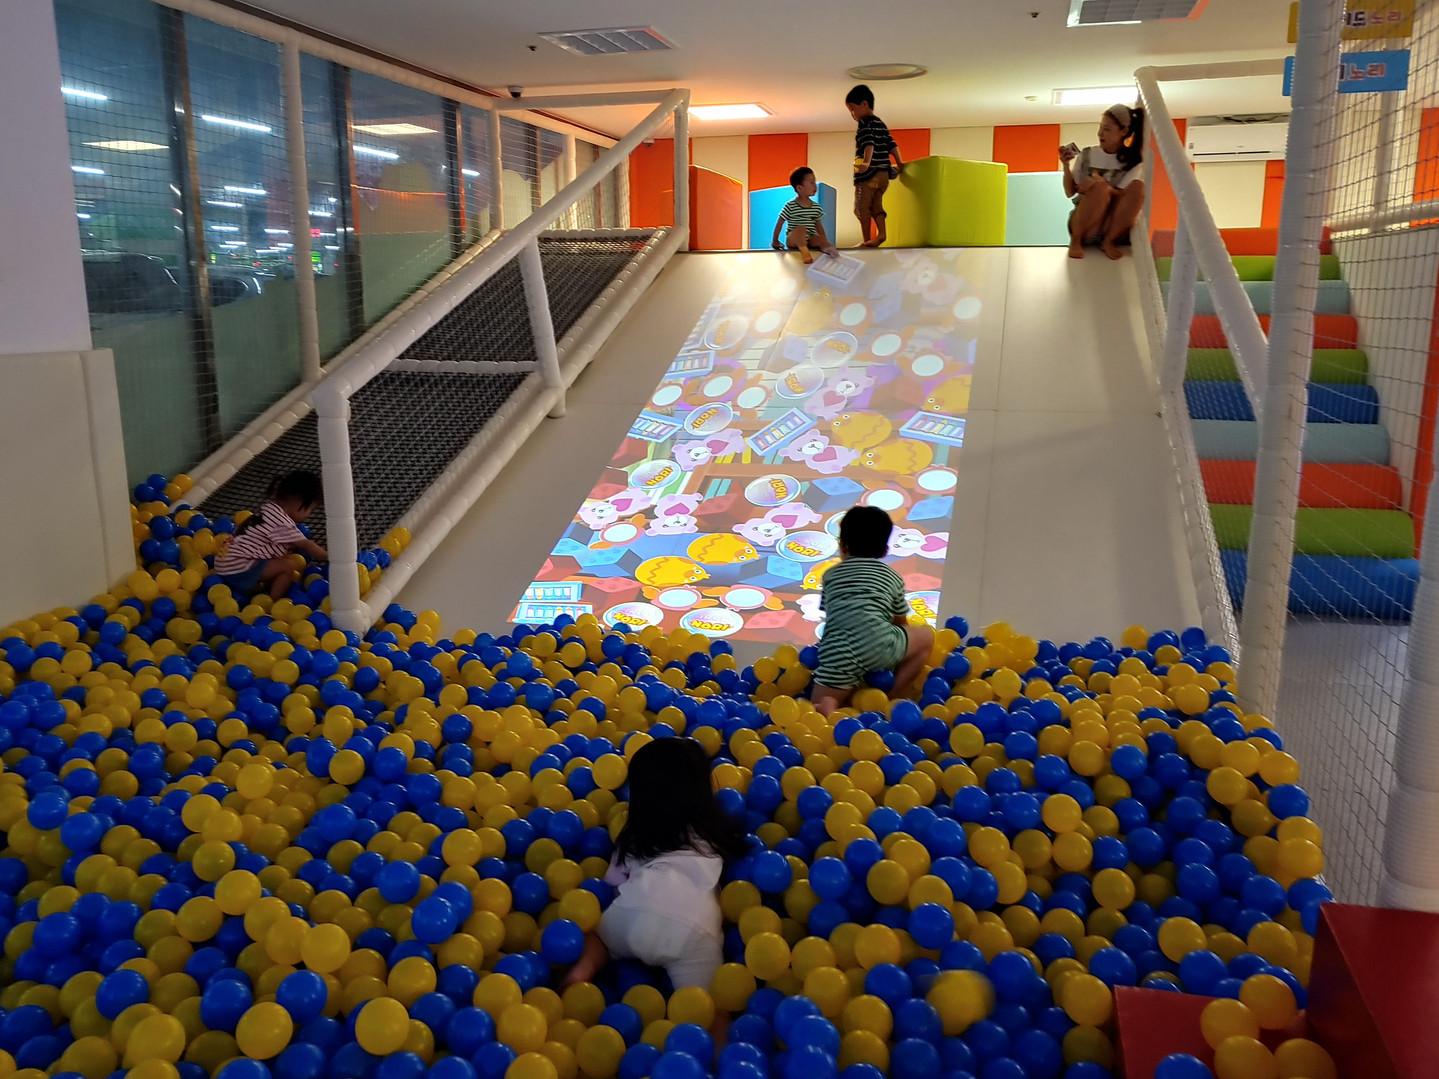 Nori Digital Kids Cafe, Lotte Mart, Gumi, Korea